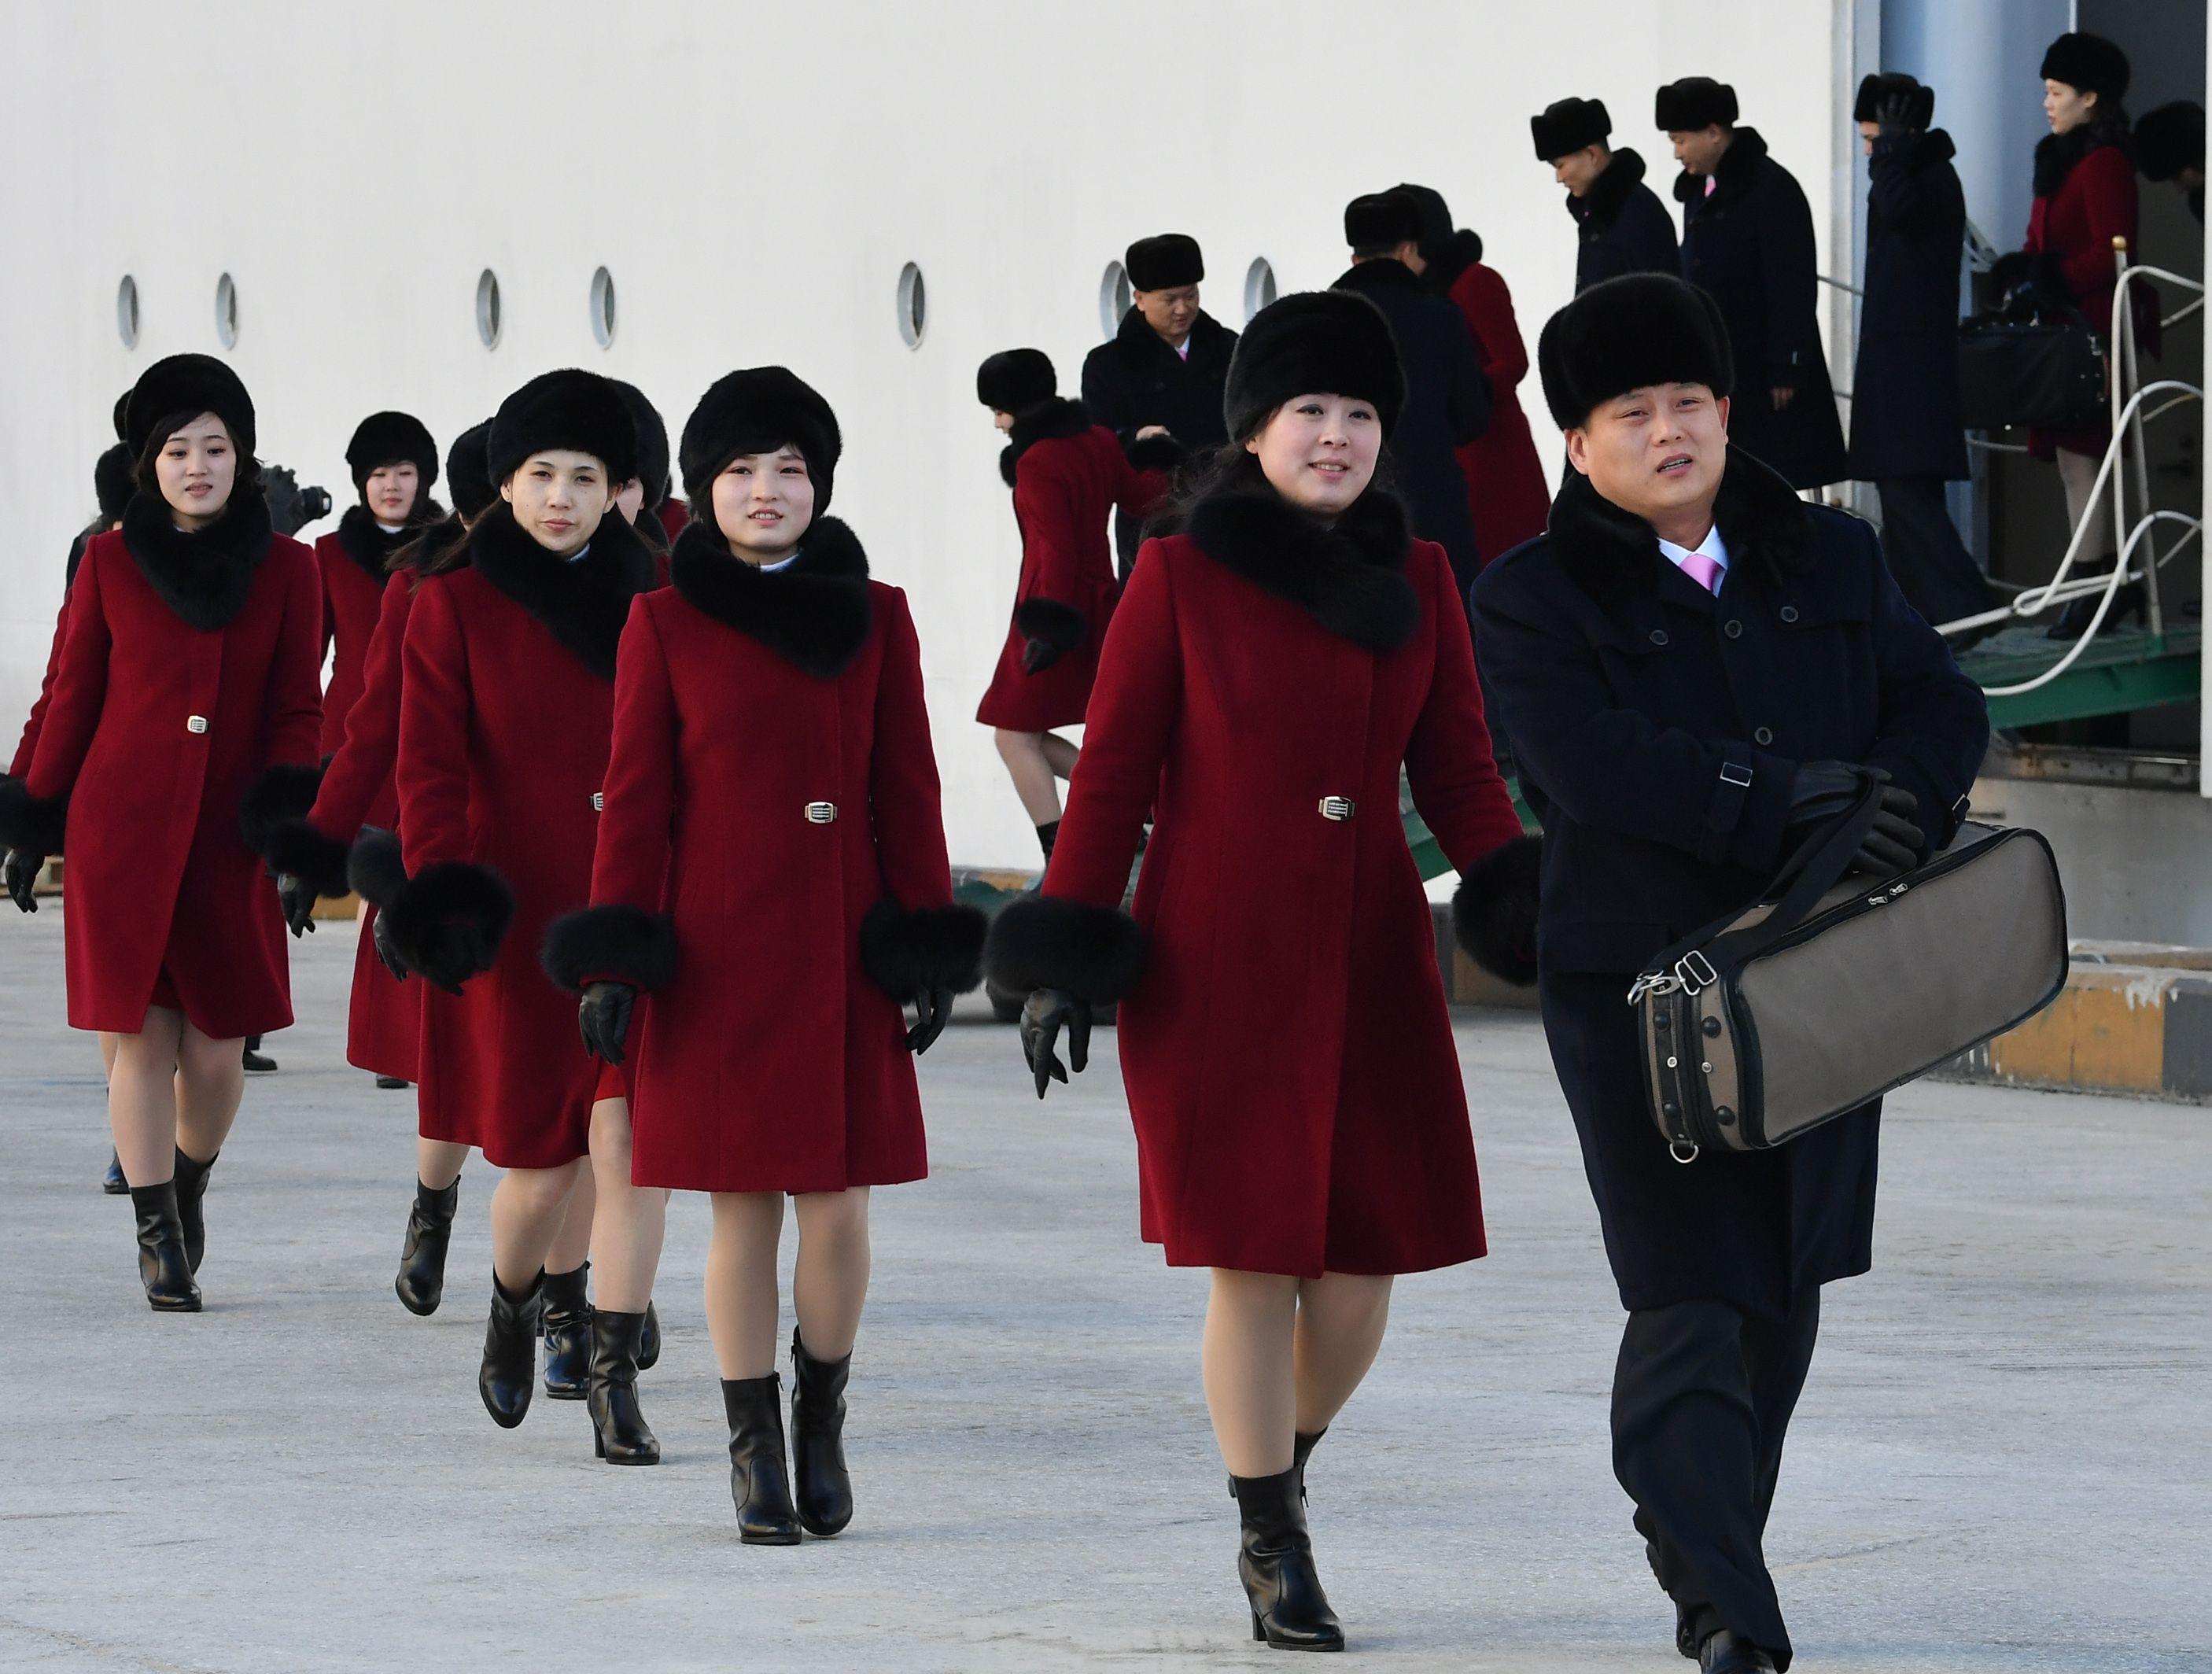 وصول الأراضي الكورية الجنوبية